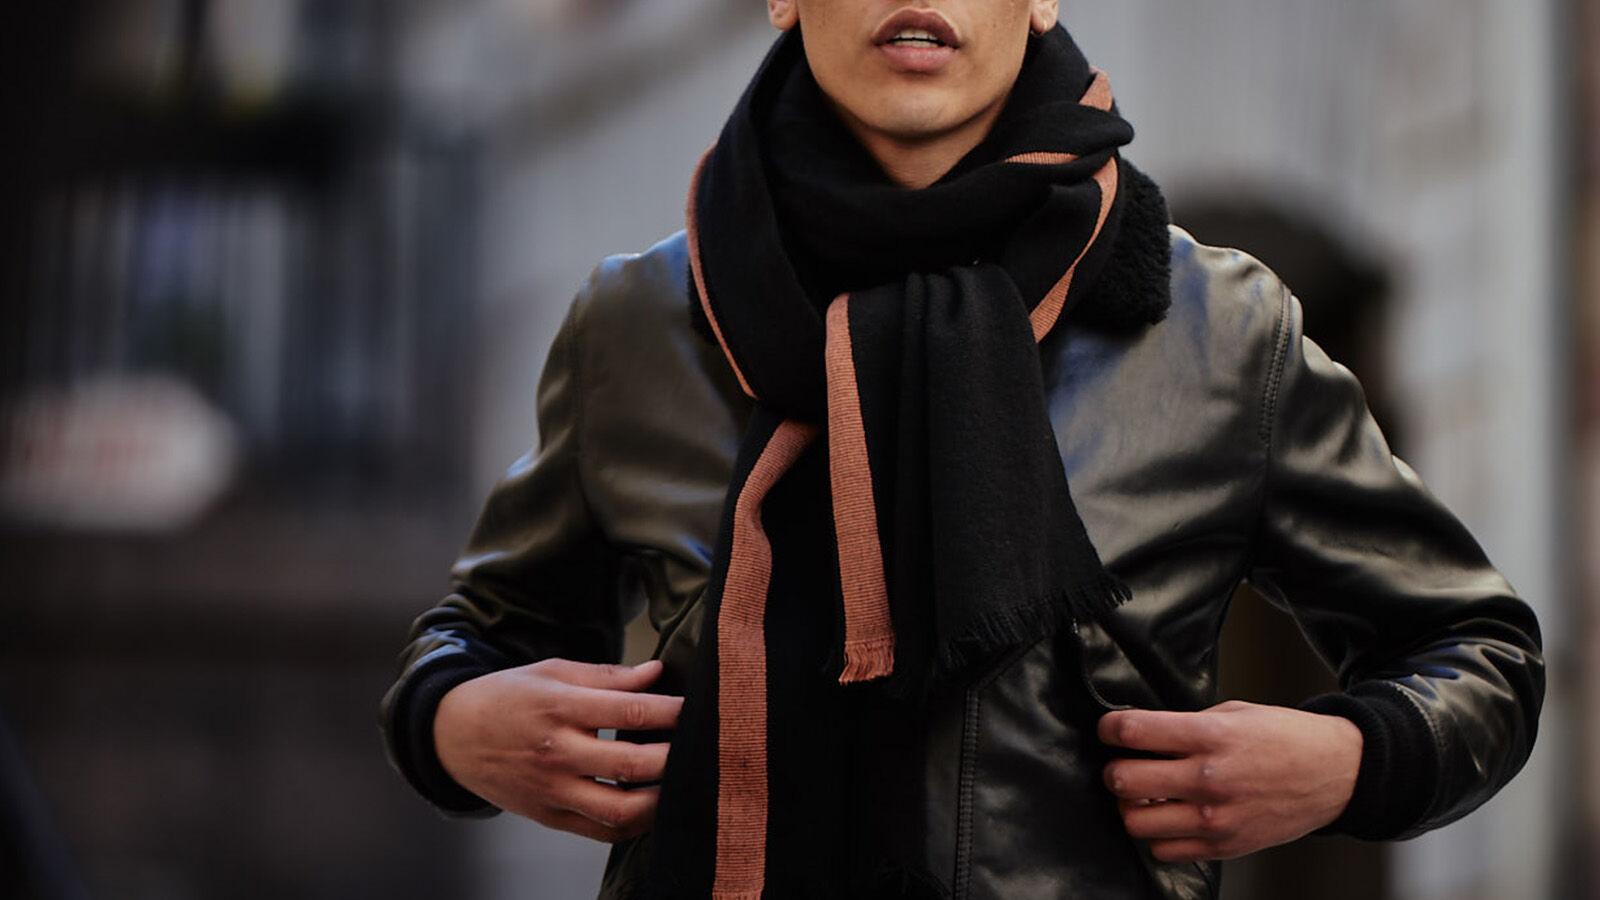 风格: 围巾的多种系法